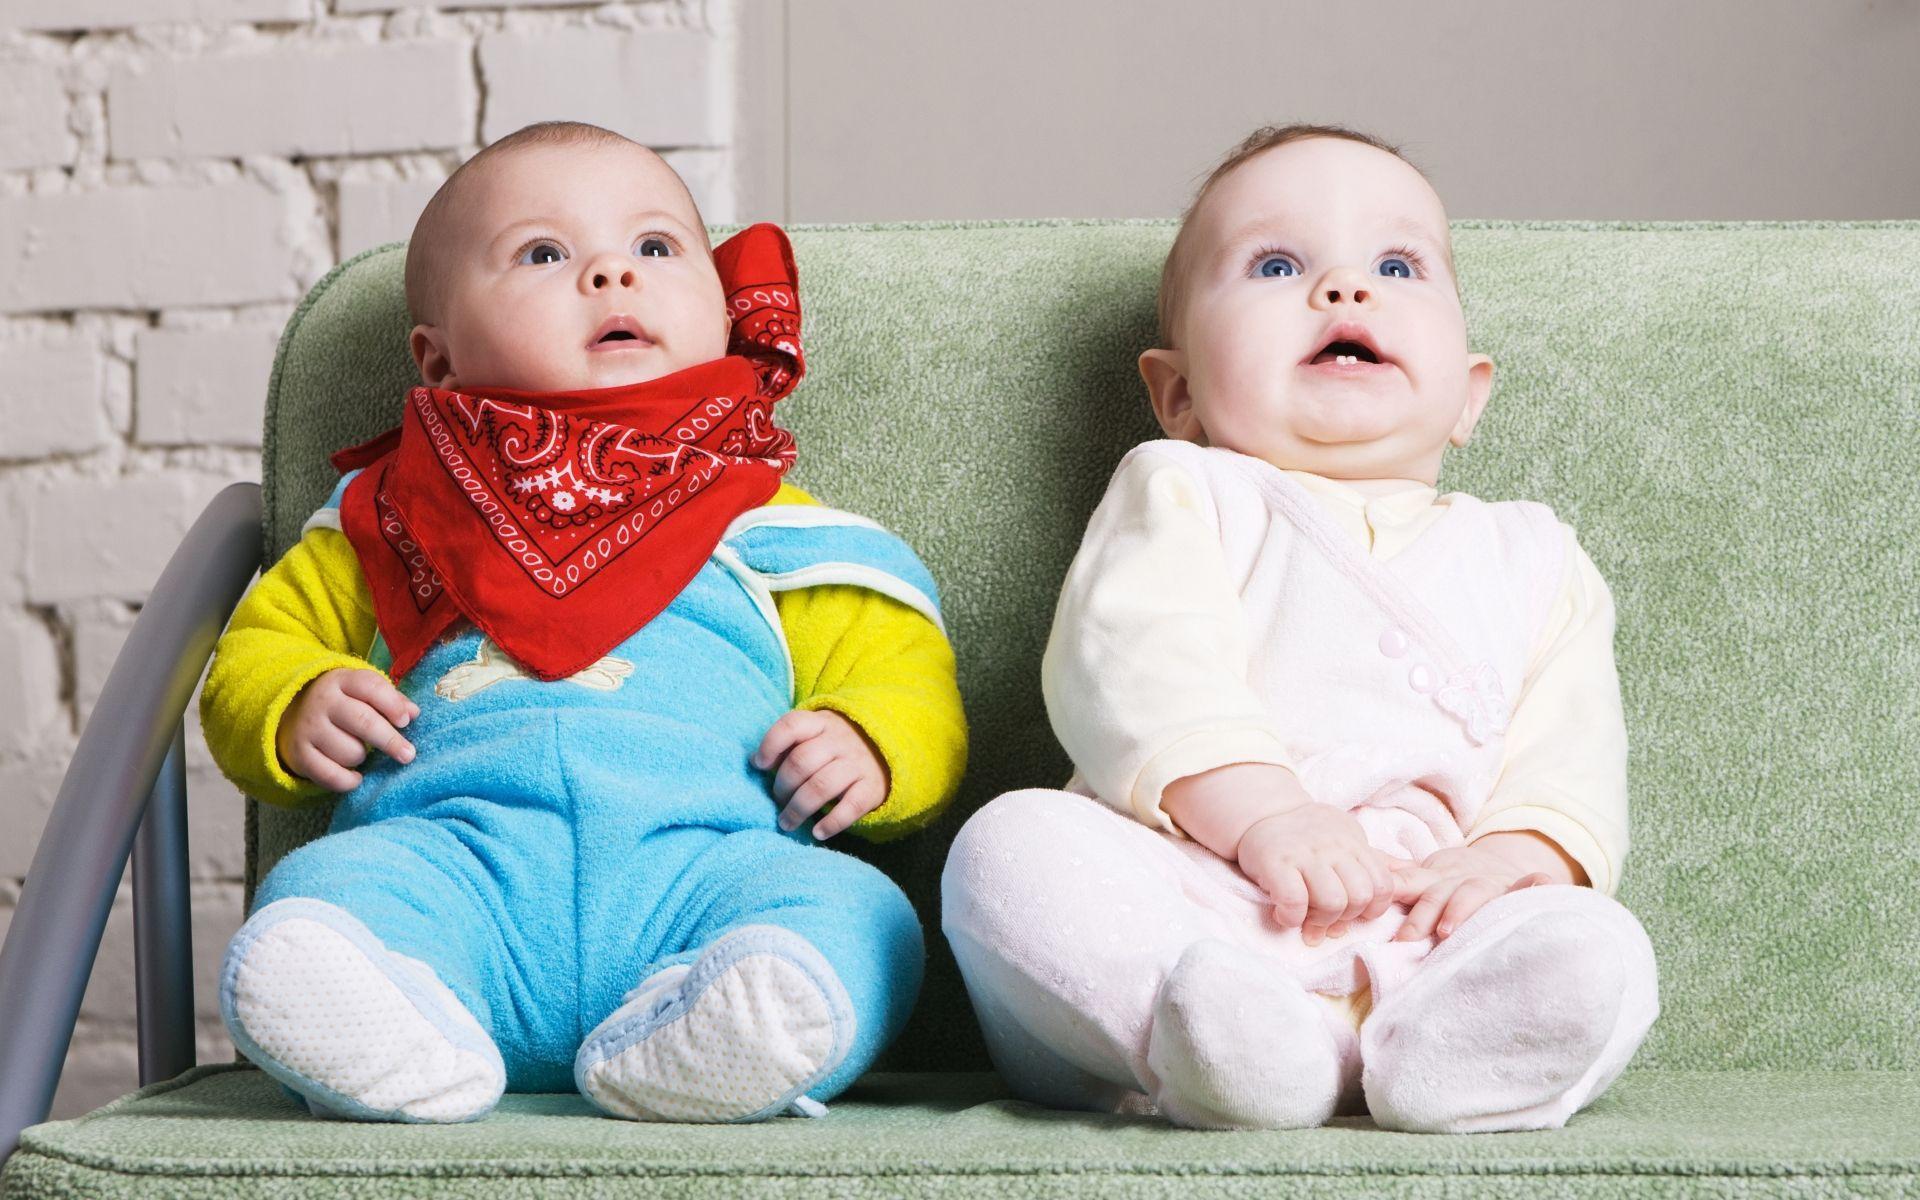 Нисходящее внимание помогло младенцам найти лицо в геометрических фигурах